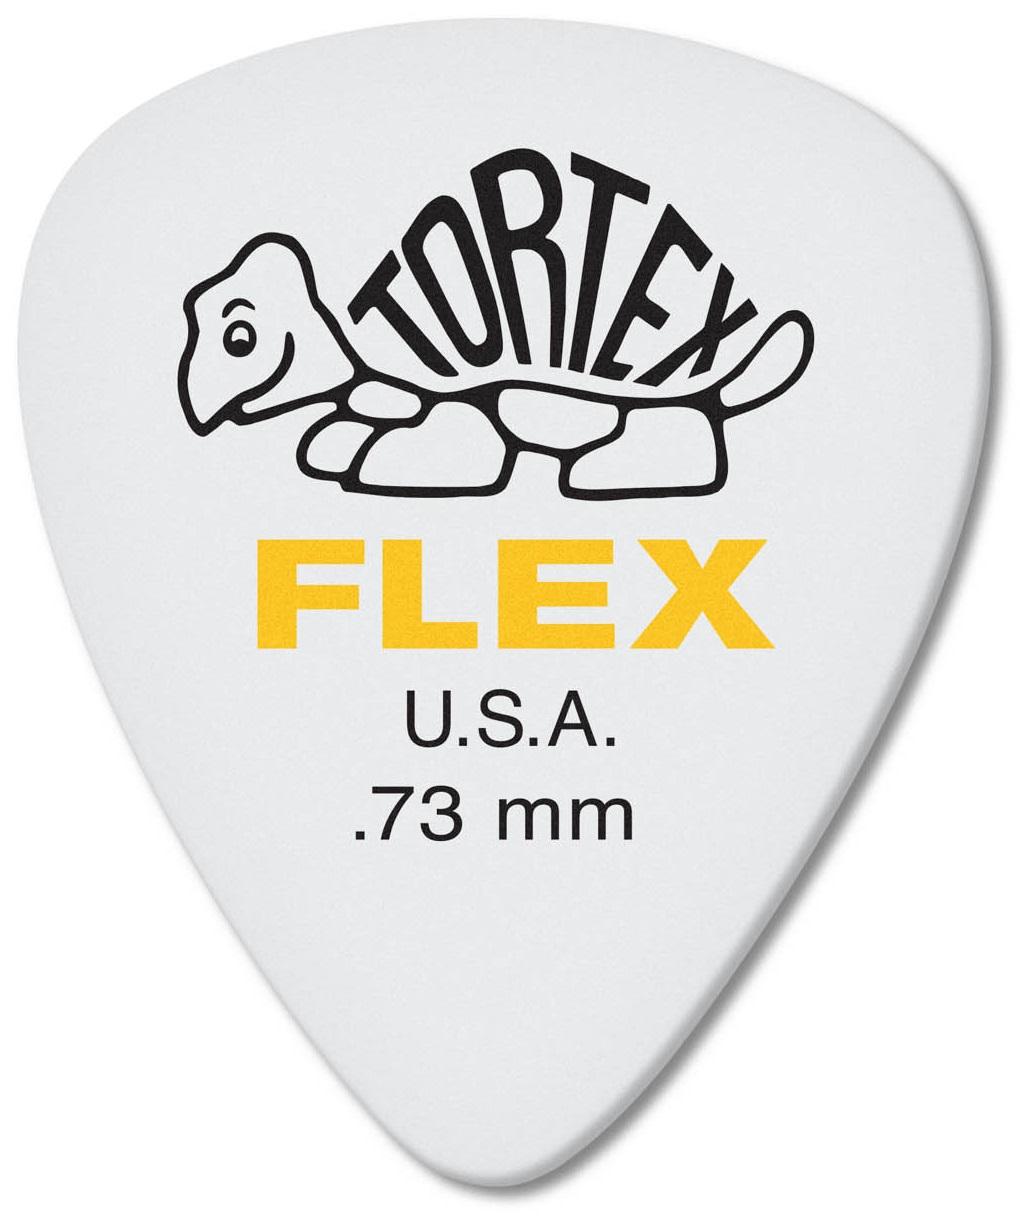 Dunlop Tortex Flex Standard 0.73